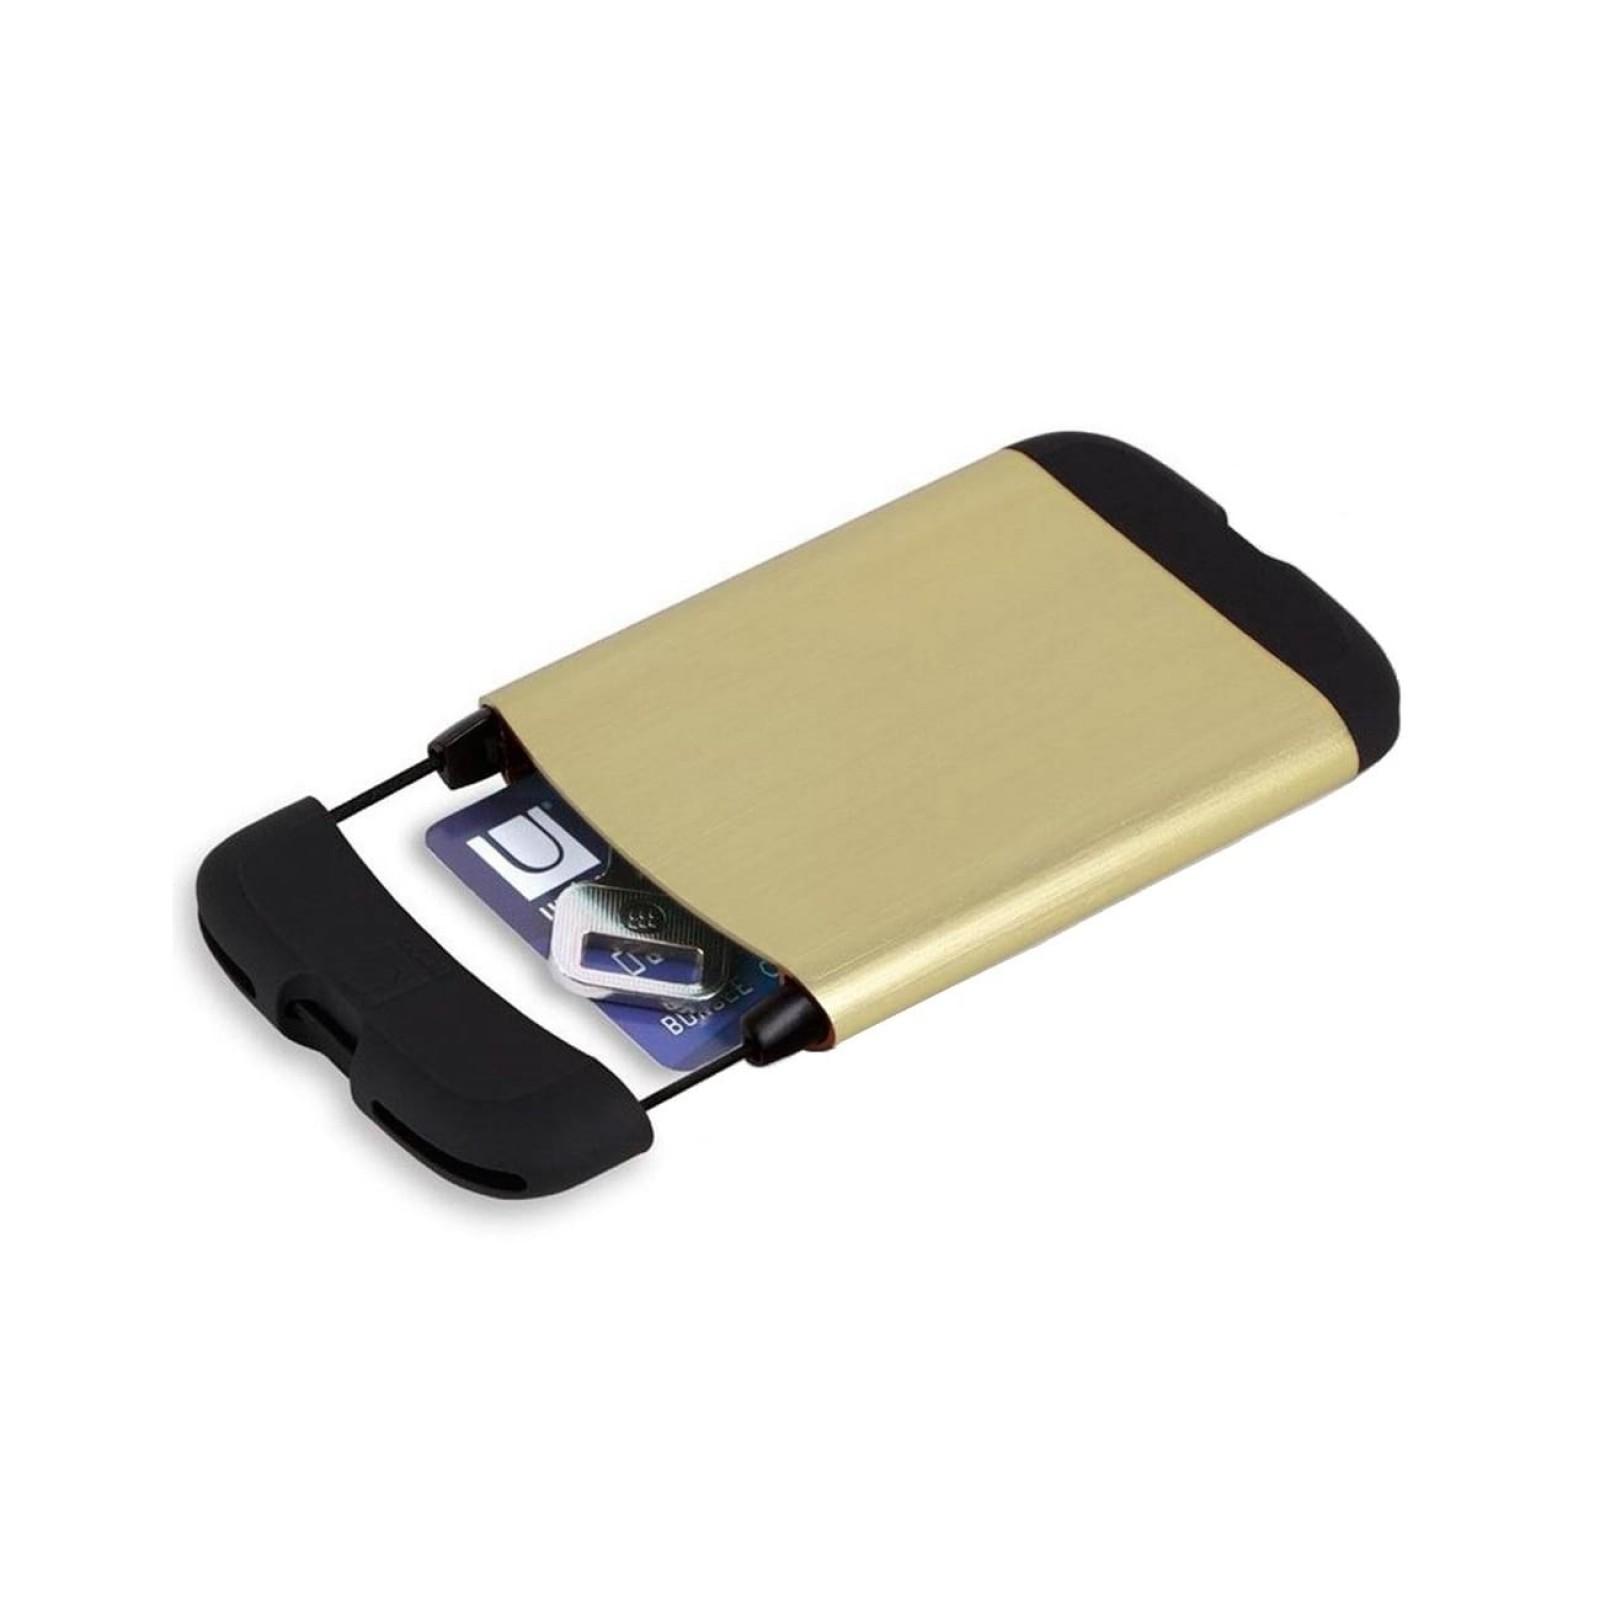 Bungee RFID-Blocking Card Holder Wallet (Gold) - Umbra